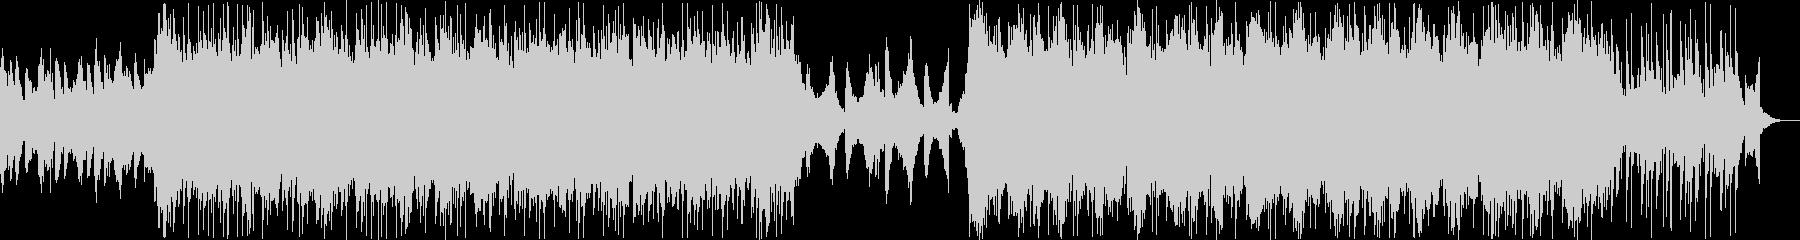 ストリングスとシンセのエピックトラックの未再生の波形